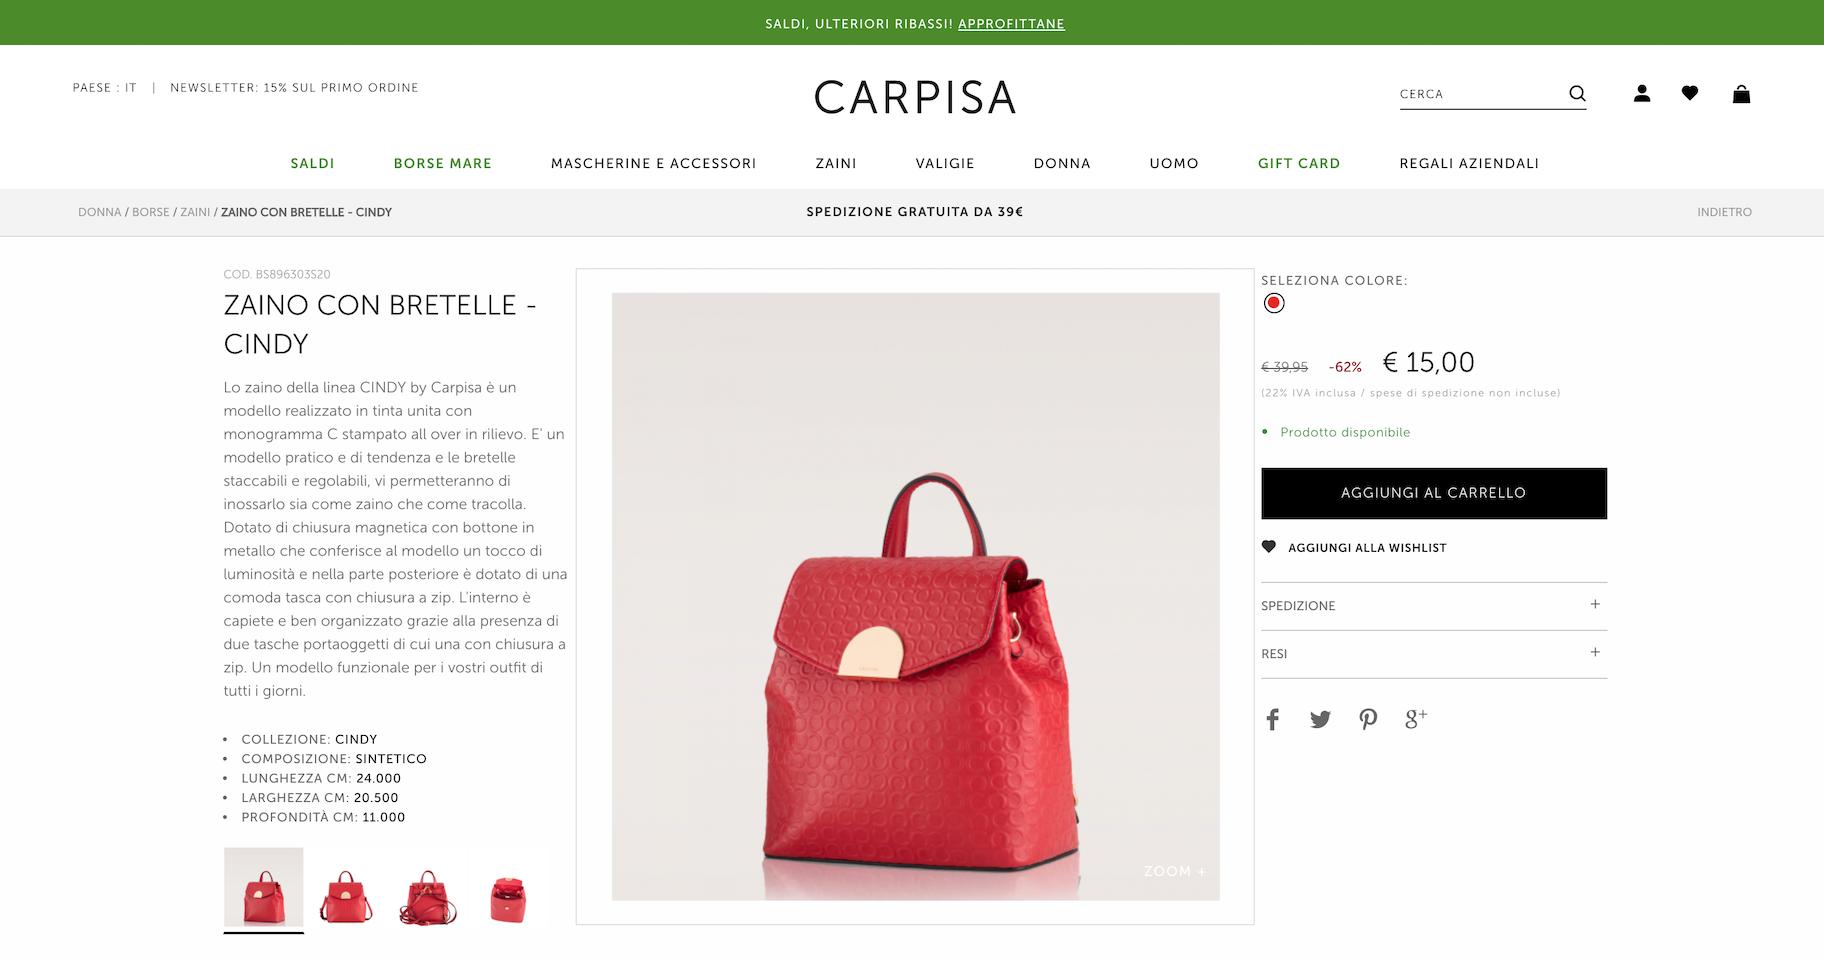 descrizione prodotto - carpisa